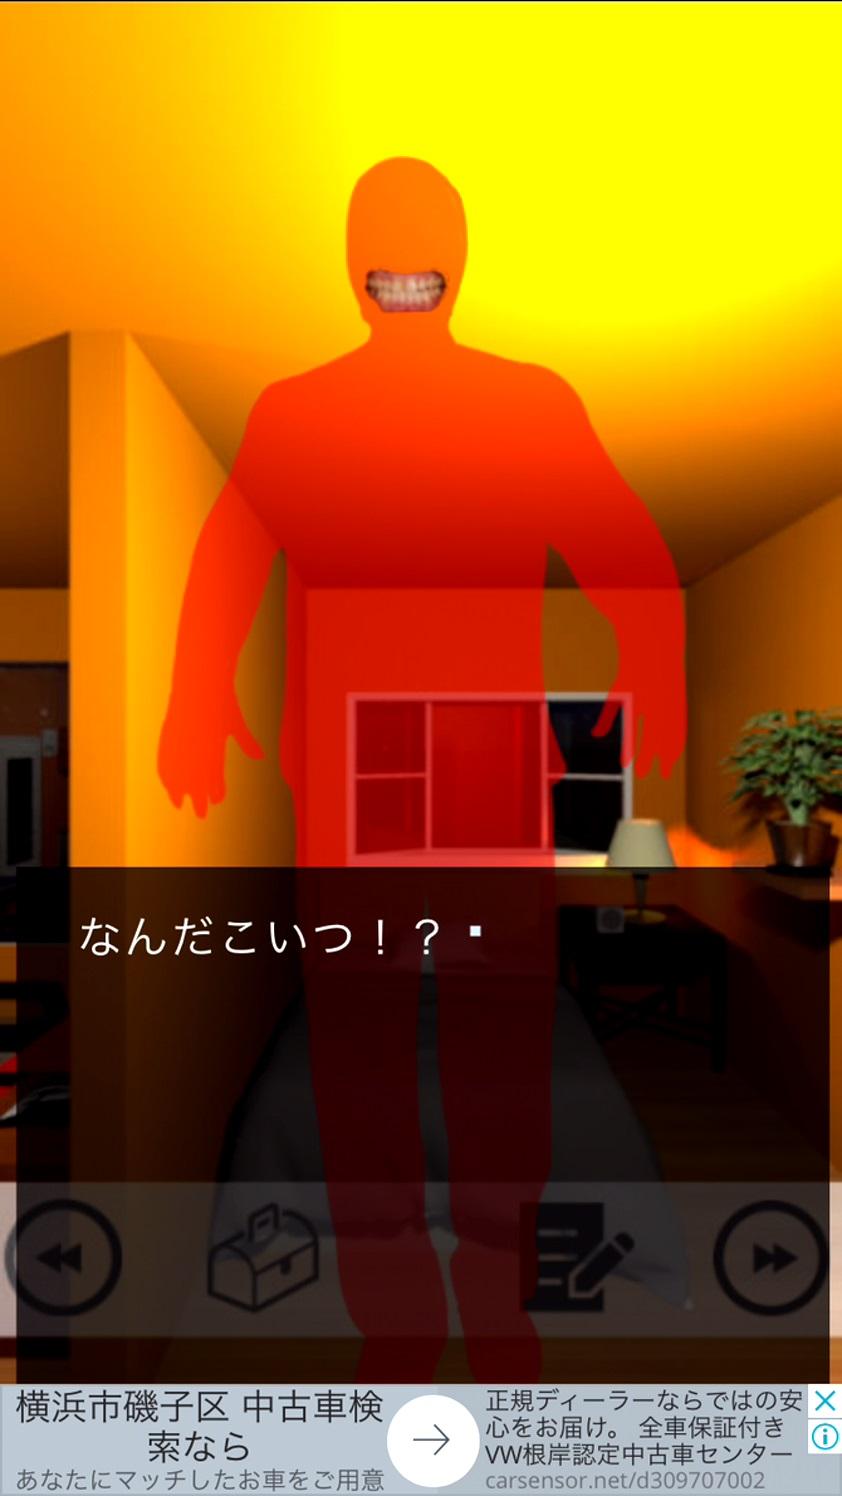 家の中に誰かいる!! androidアプリスクリーンショット1